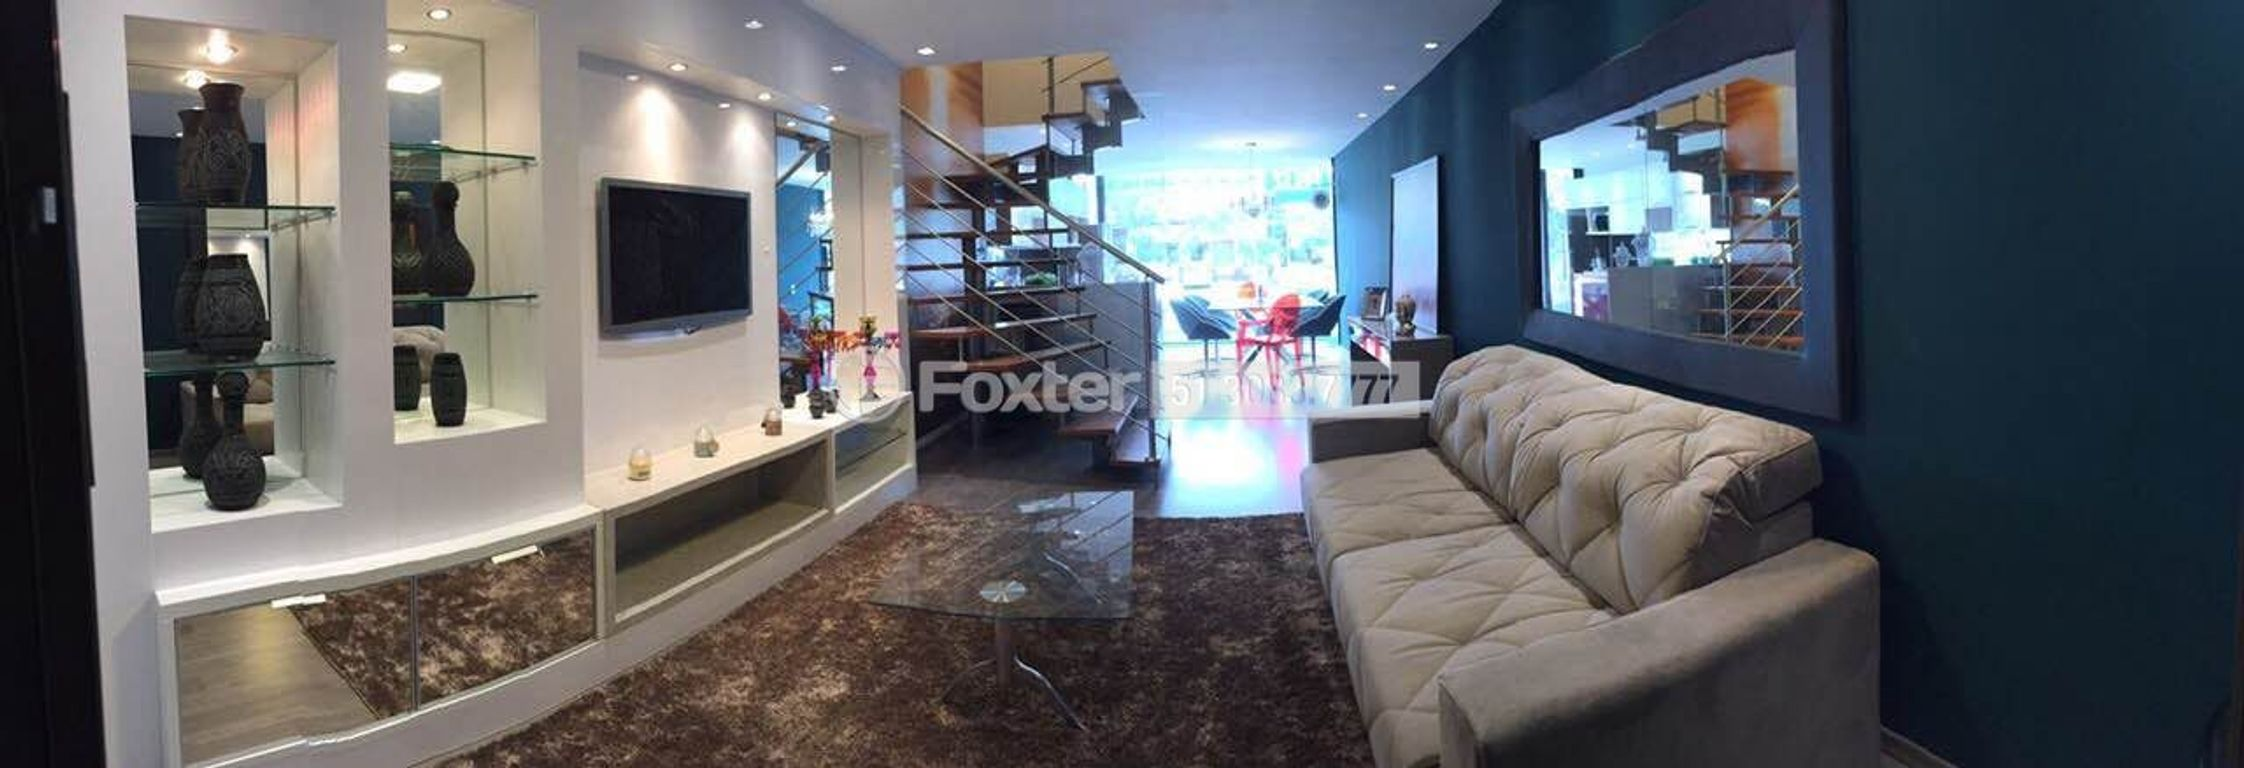 Foxter Imobiliária - Casa 3 Dorm, Cristal (123594) - Foto 12